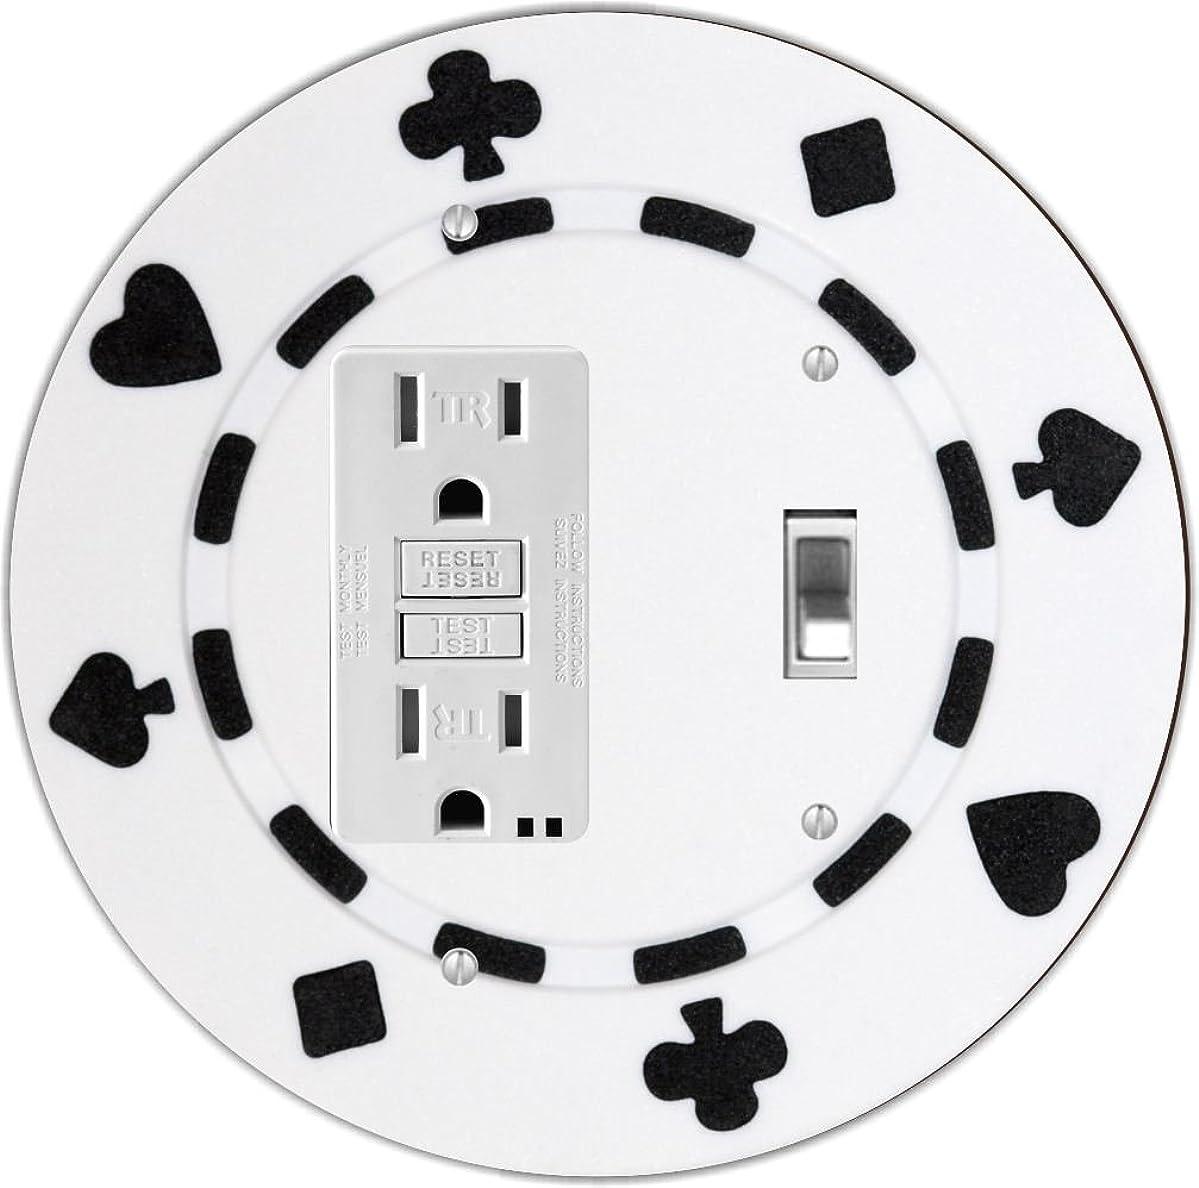 Rikki Knight RND-GFITOGGLE-84 Poker Chip Round GFI Toggle Light Switch Plate, White/Black